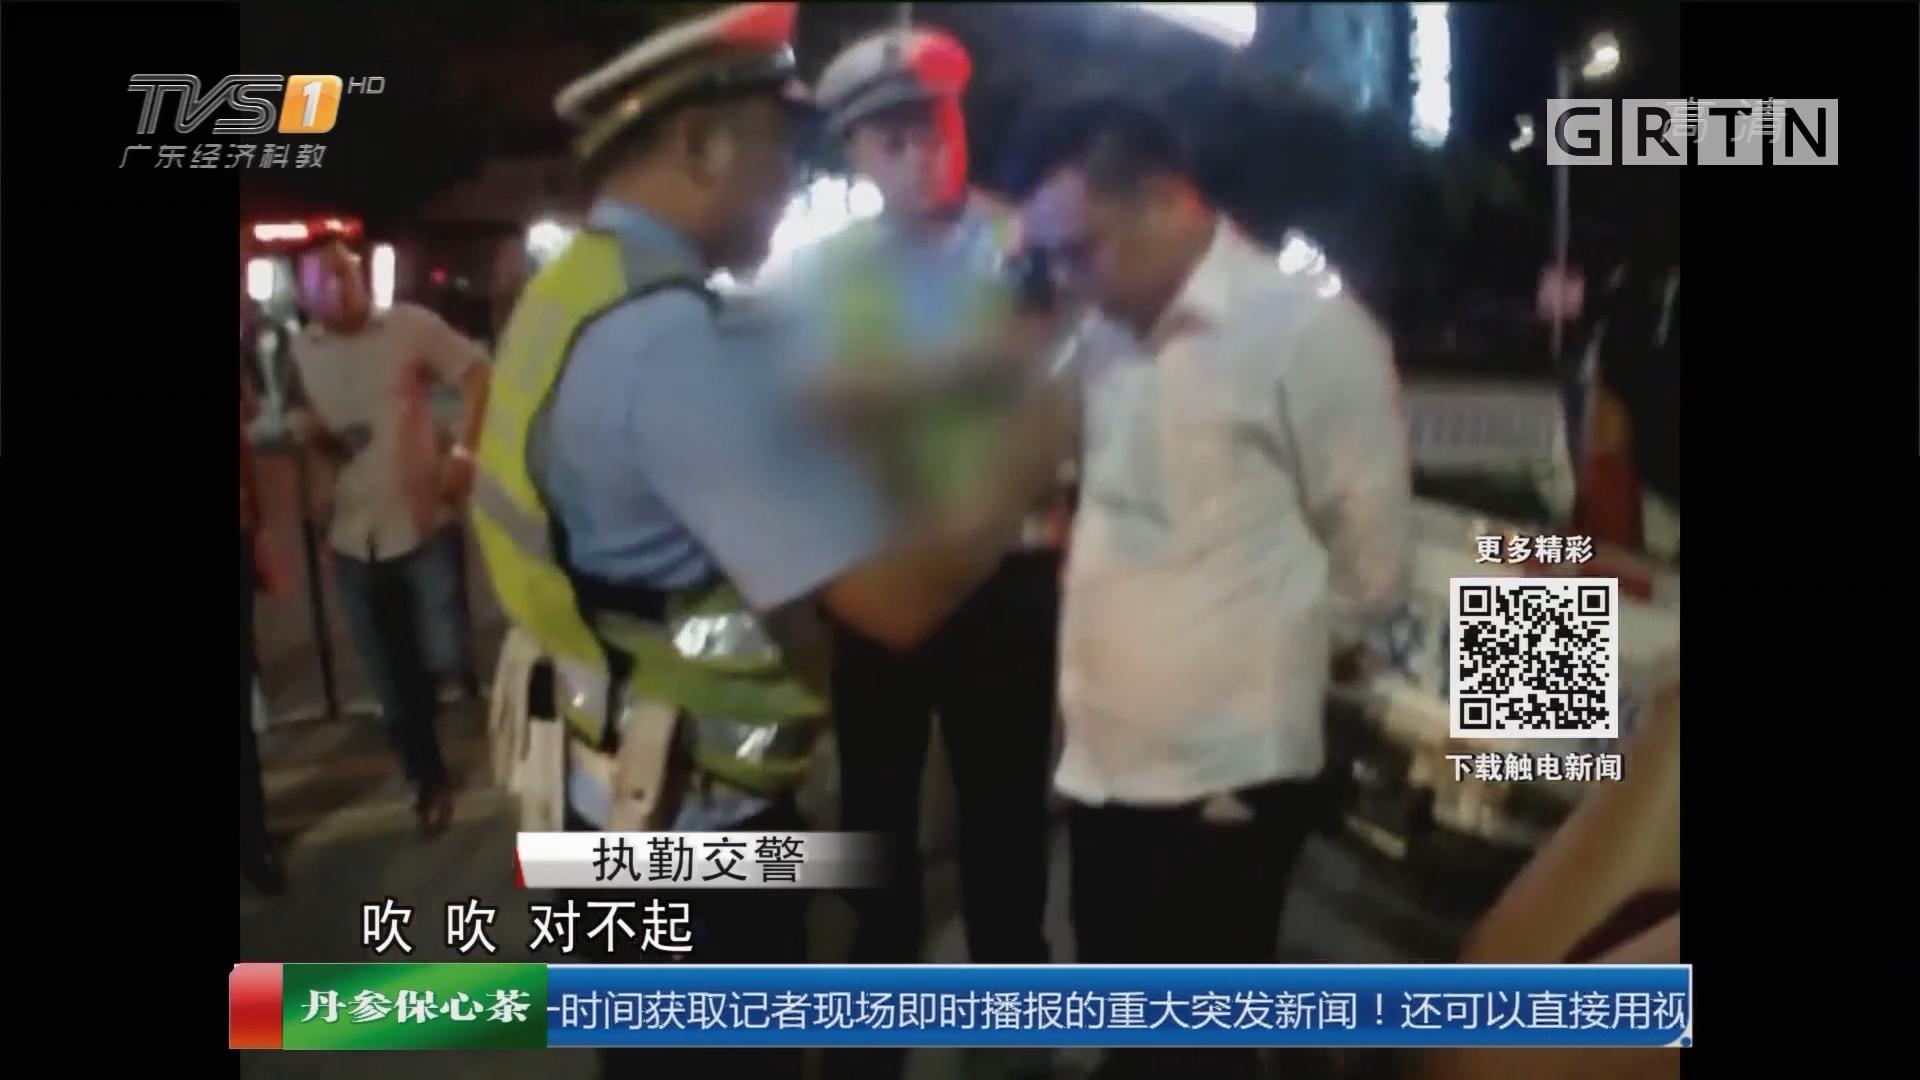 安徽芜湖:男子酒驾被查 当场大飙演技